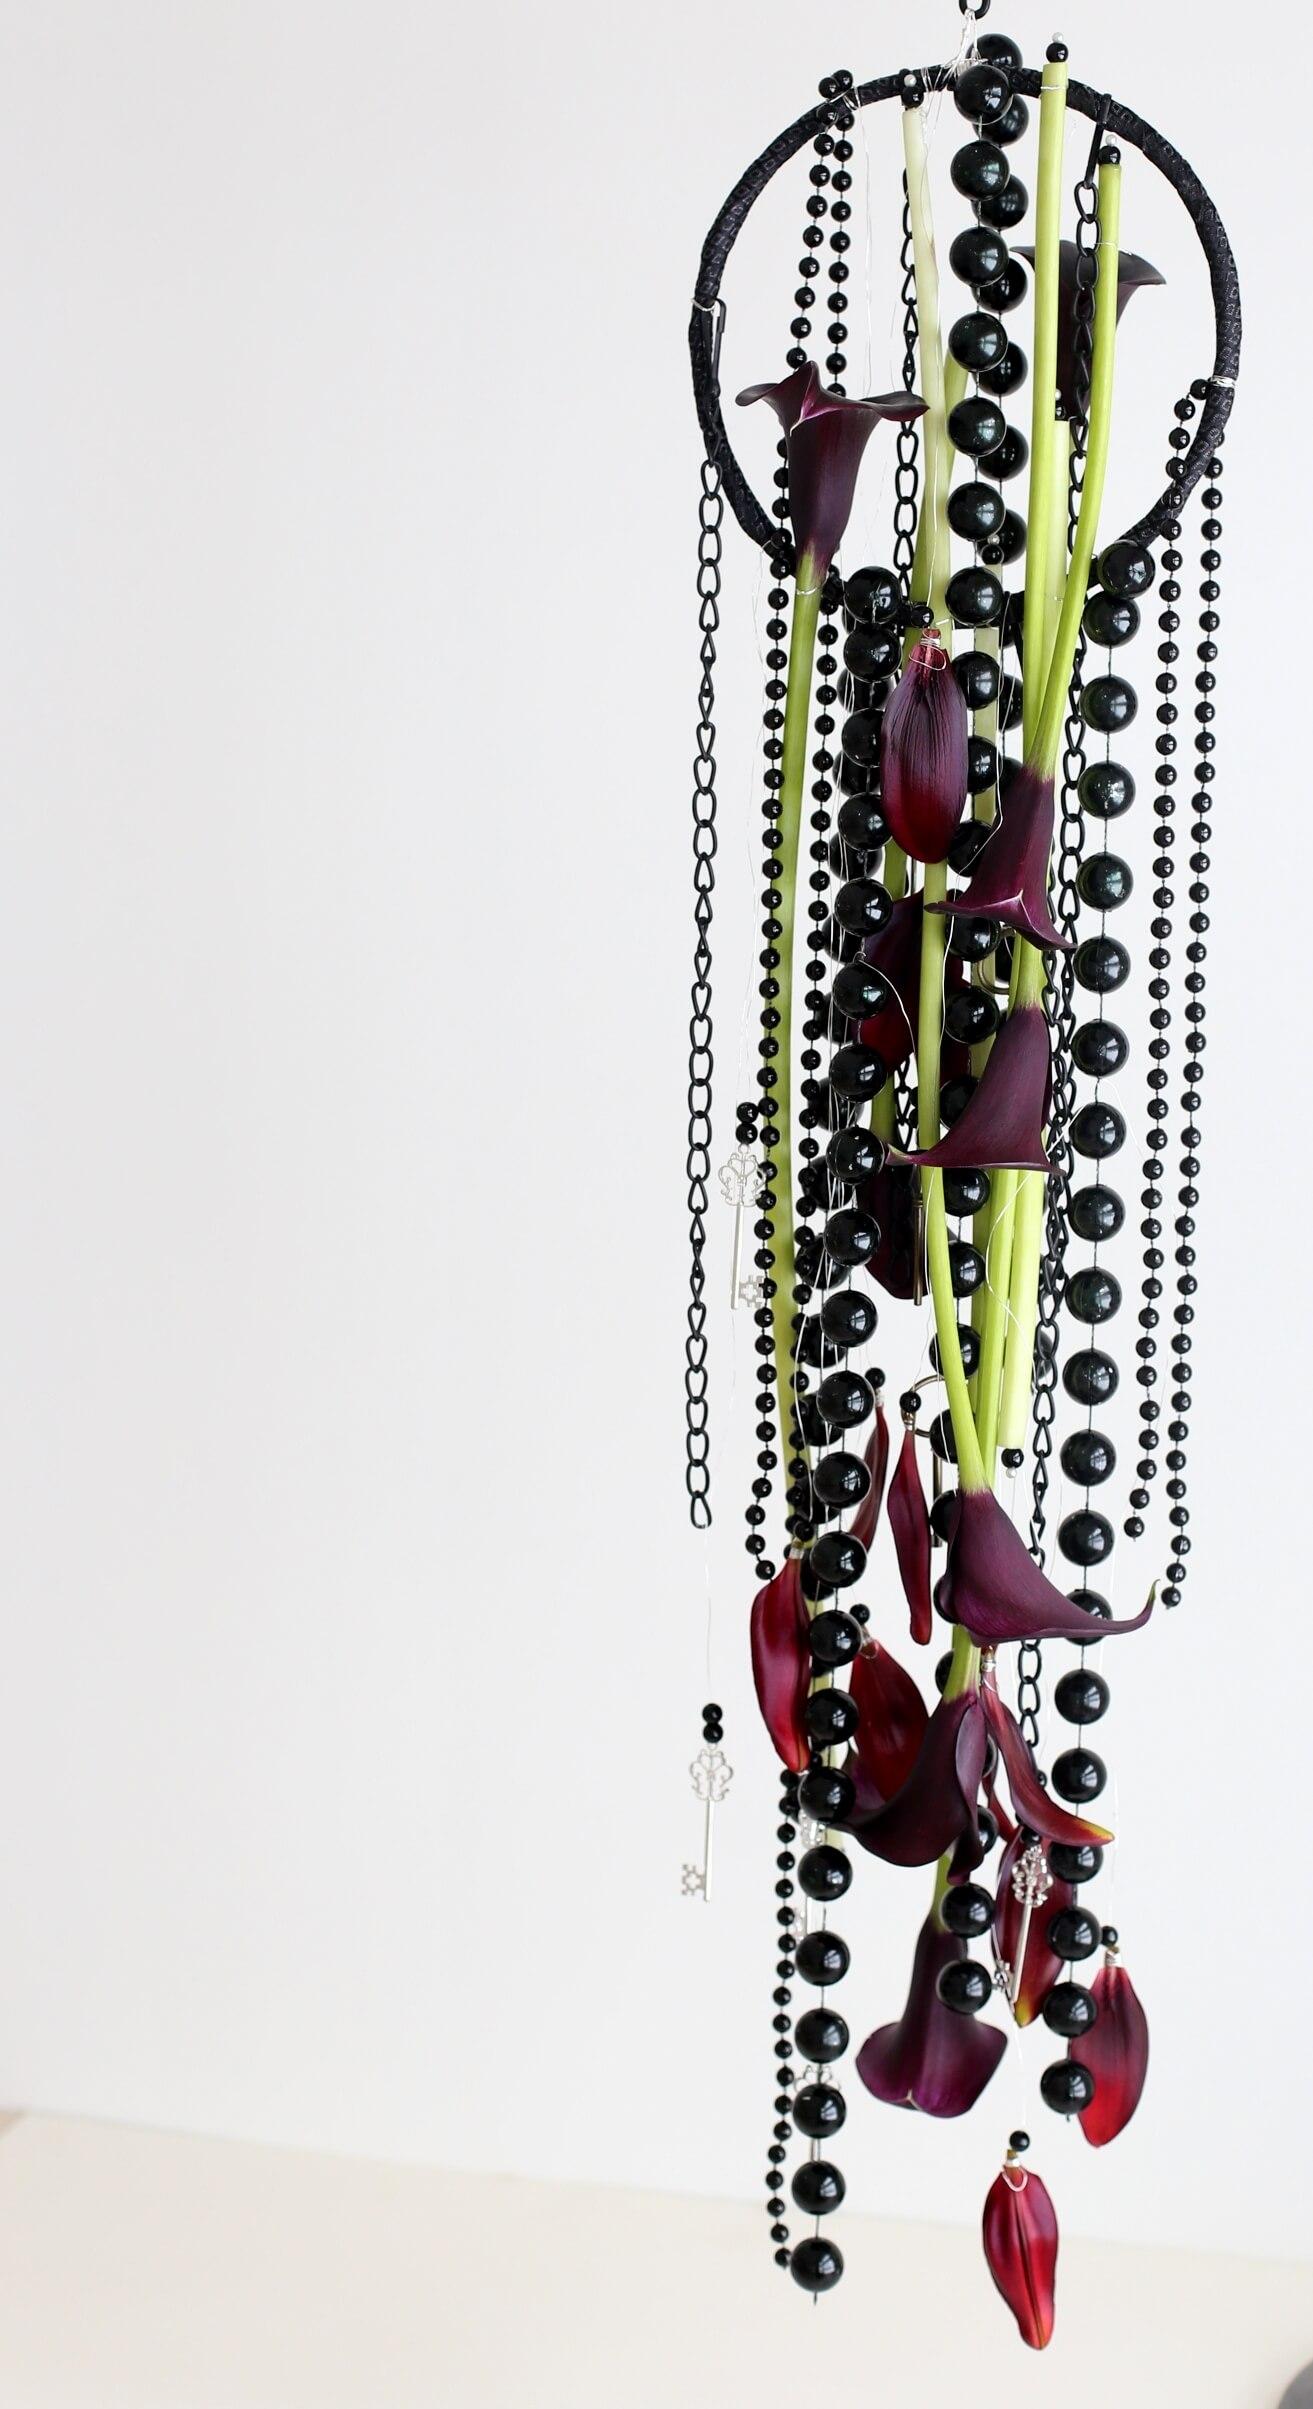 Morsiukimpussa oli käytetty tummaa kallaa ja liljaa, ketjuja sekä helmiä, metallirengasta ja koristeellisia avaimia.